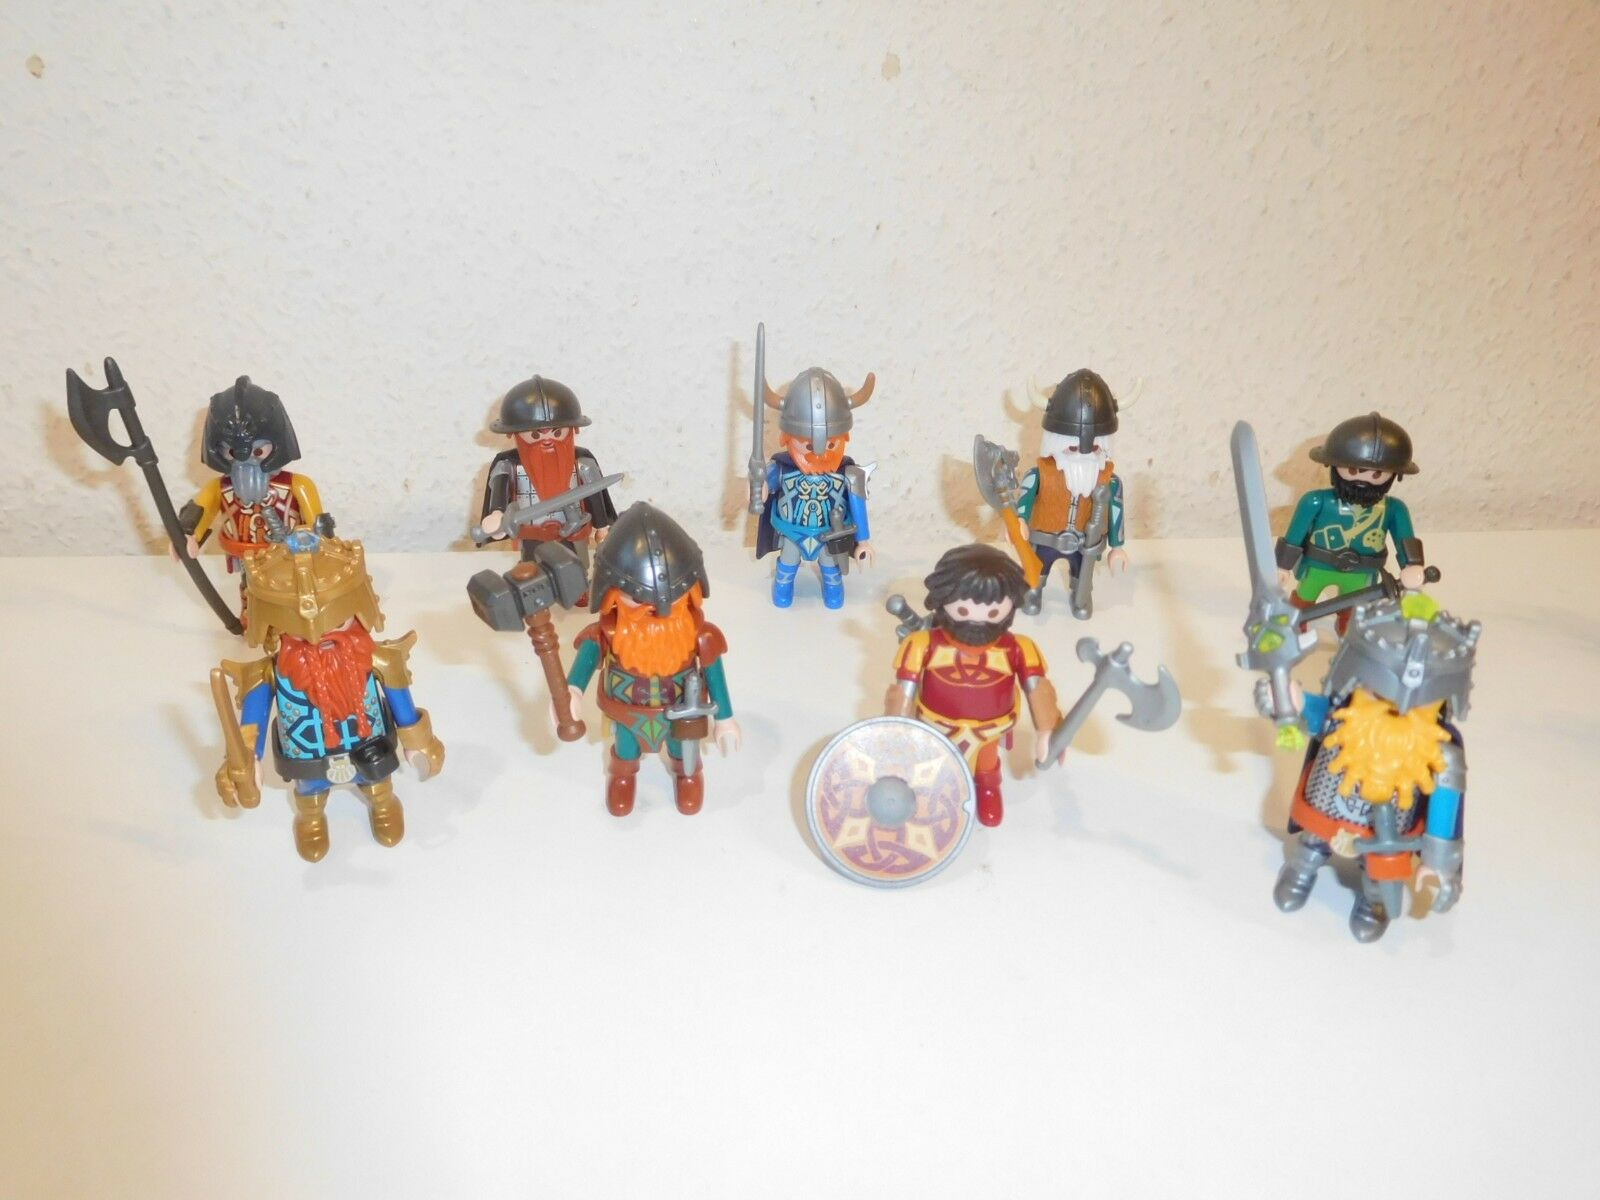 Playmobil gnom dwarfs zwerge knights  figures from 9345 9344 9341 etc (1)